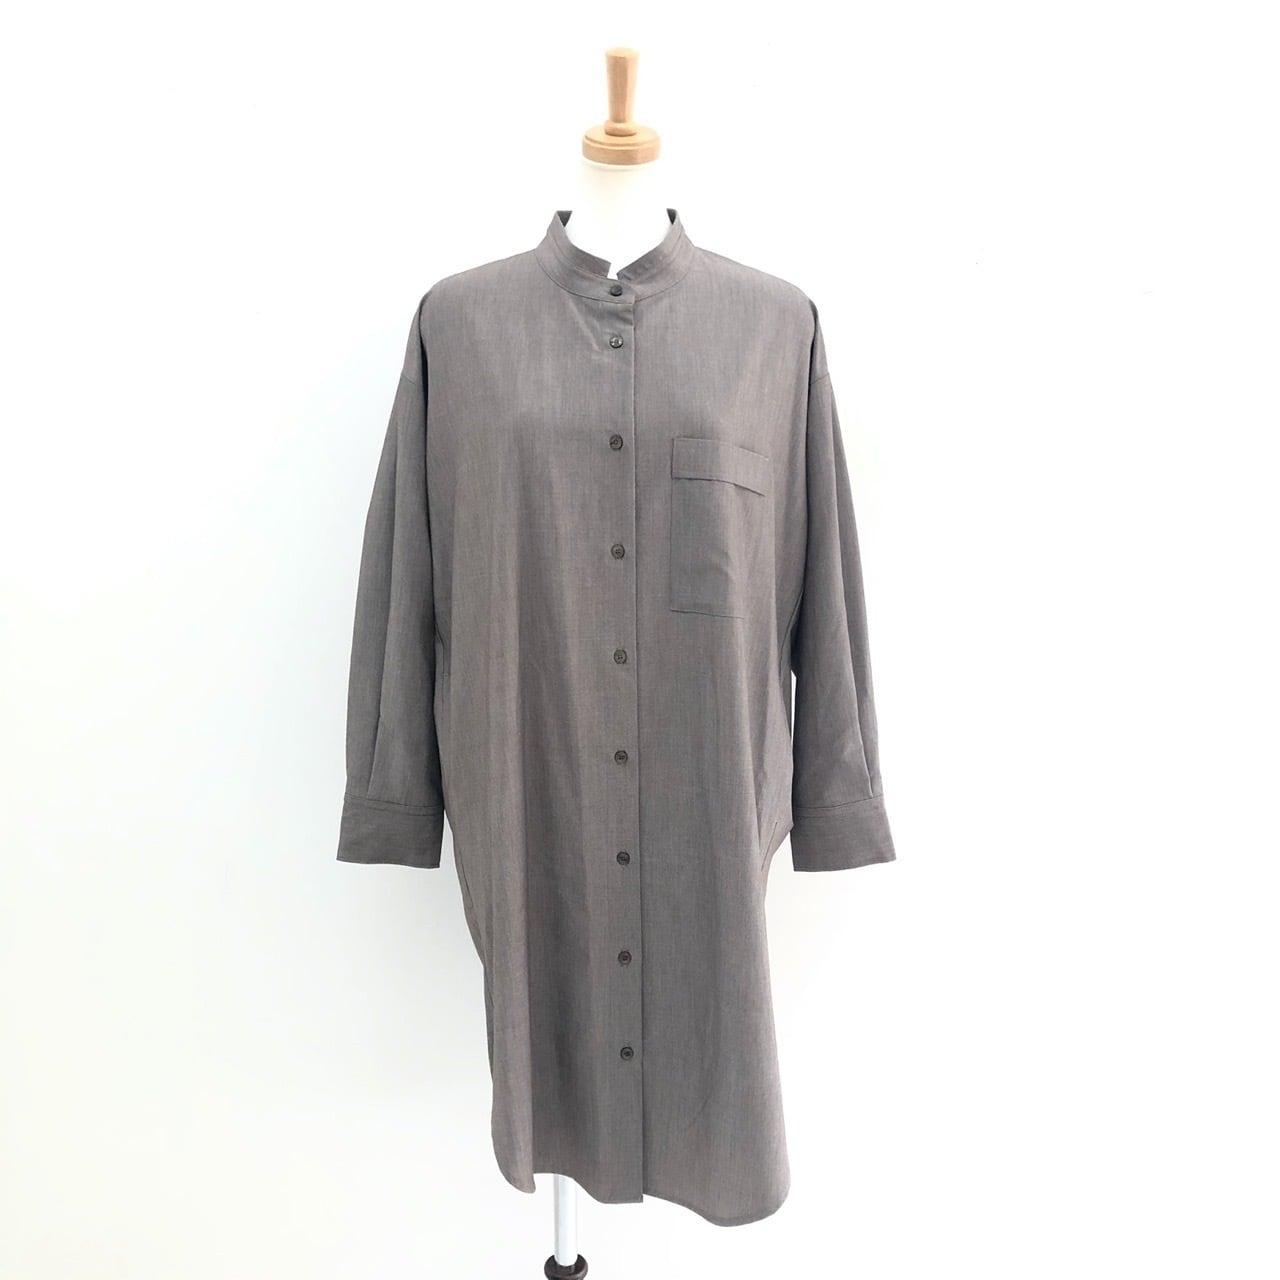 【 CHIGNONSTAR 】- 5102-034 - バックオープンシャツ